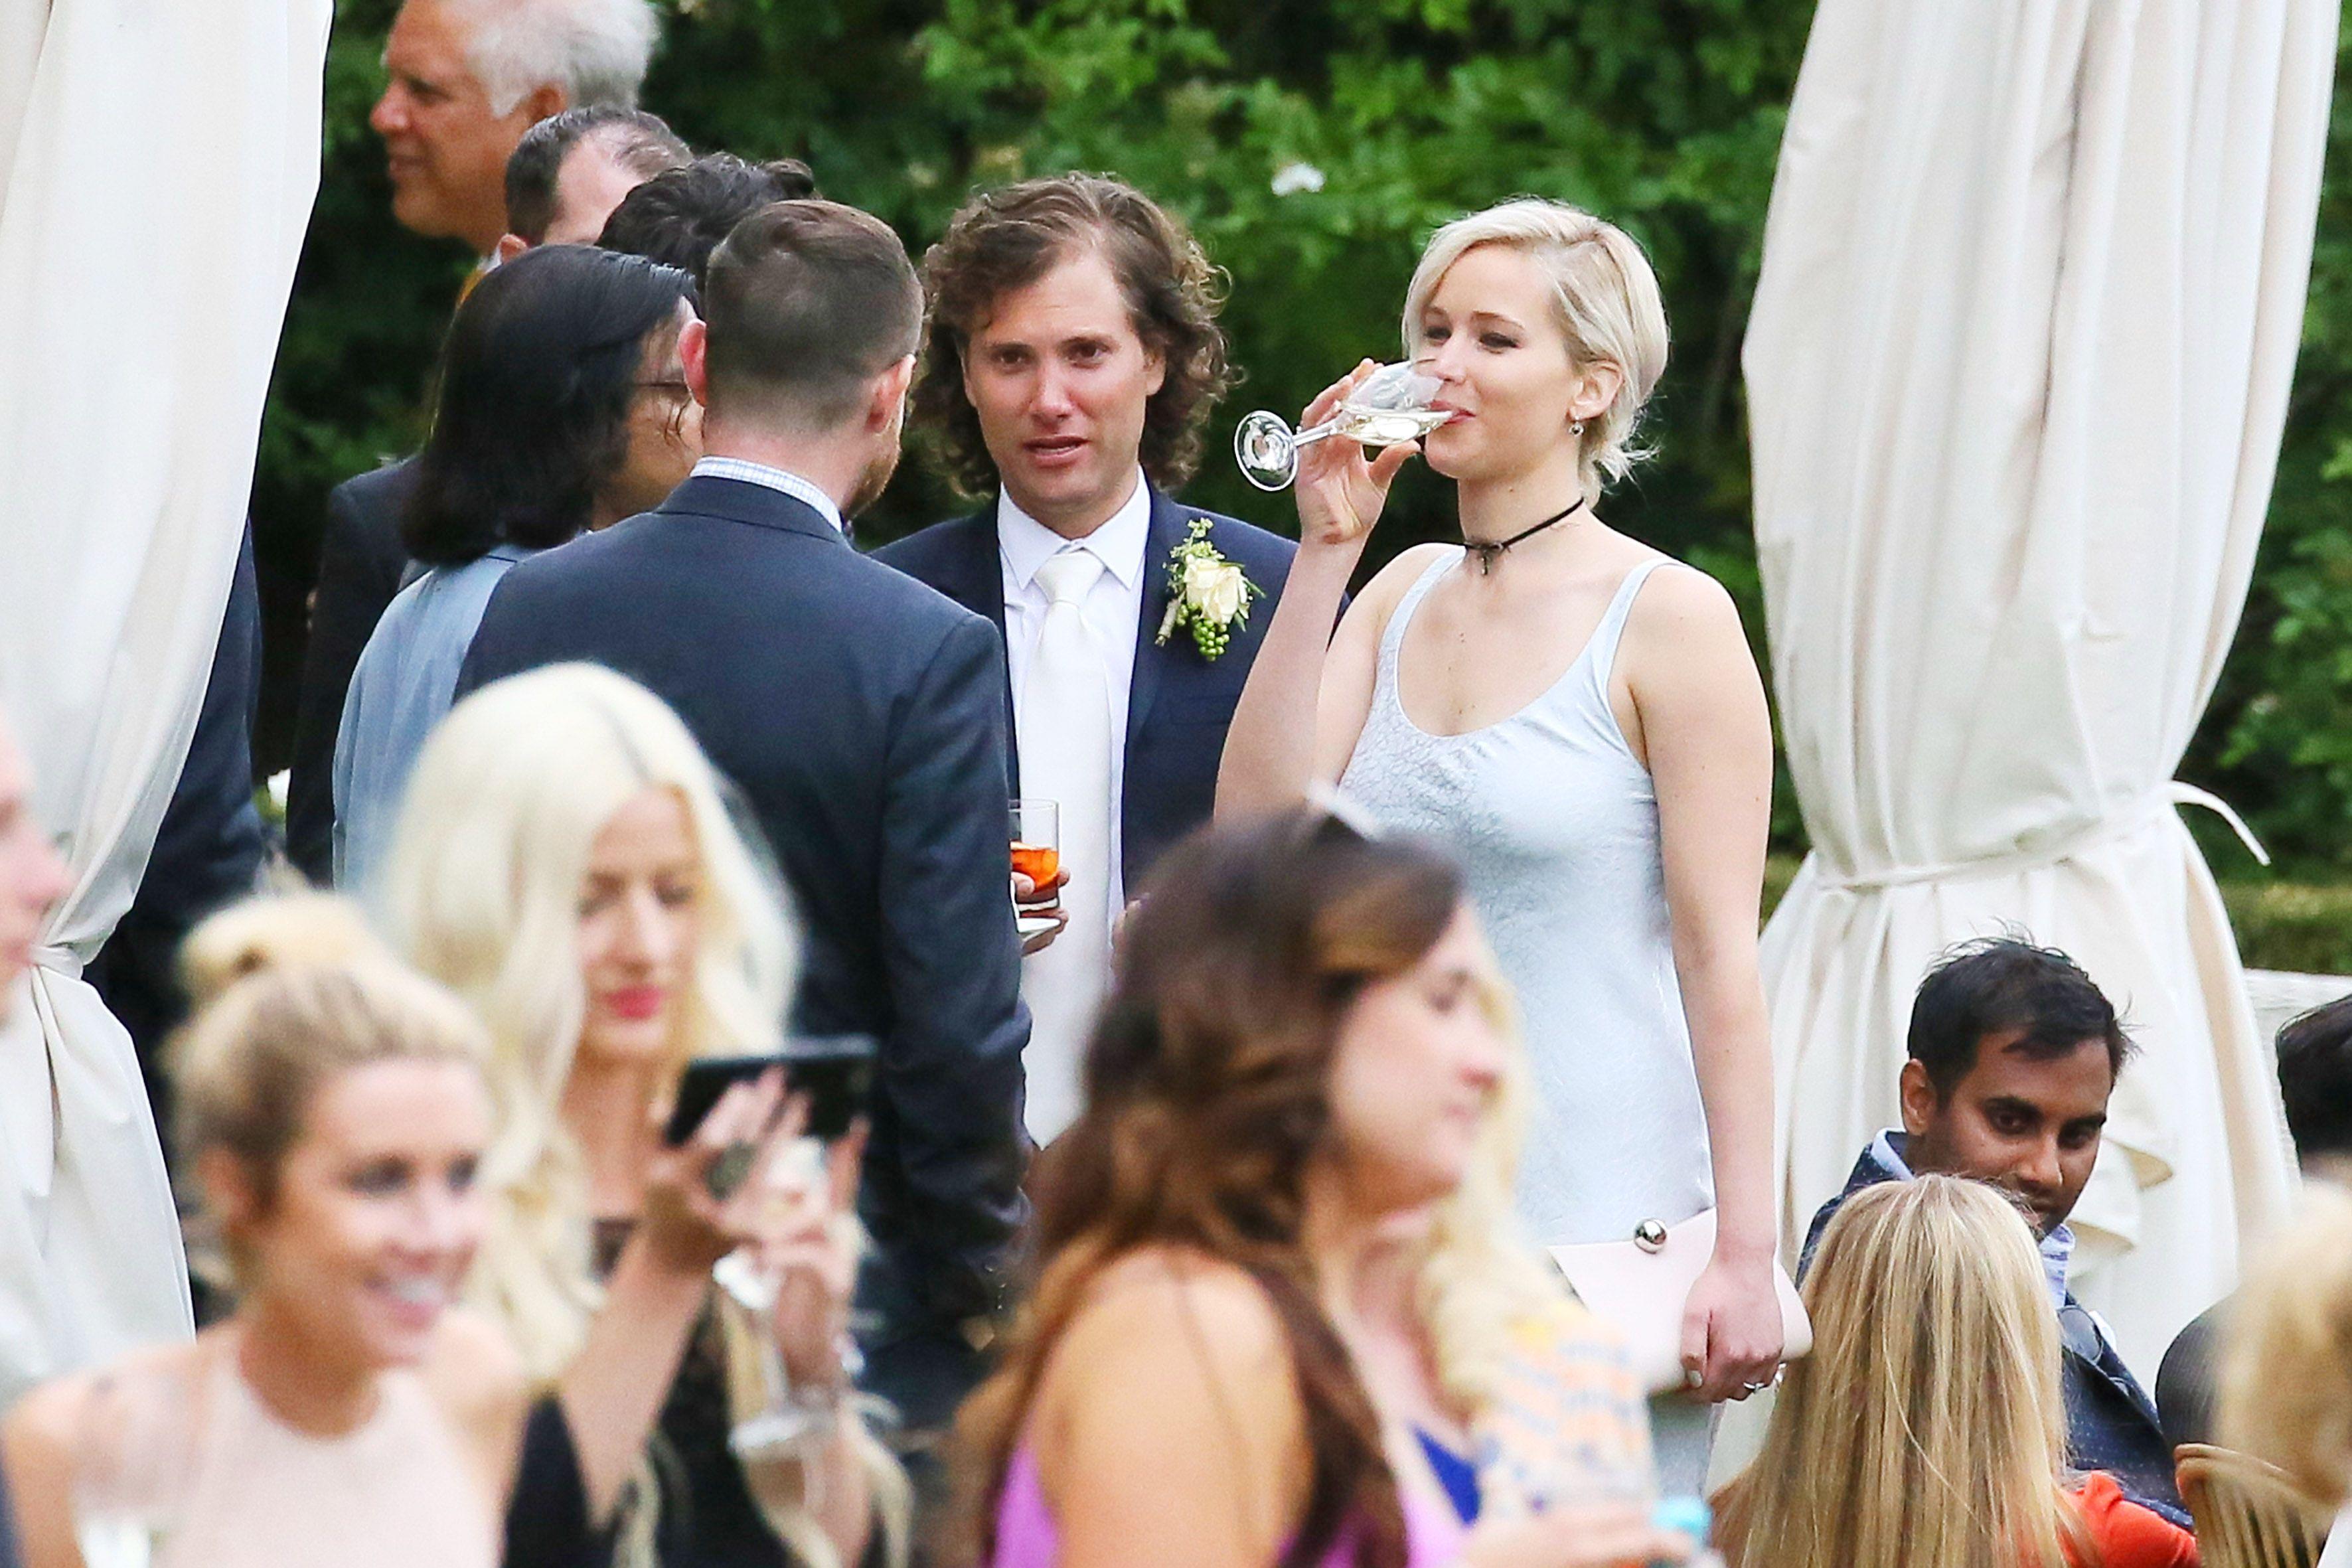 Jennifer Lawrence Attends Italy Wedding - Jennifer Lawrence